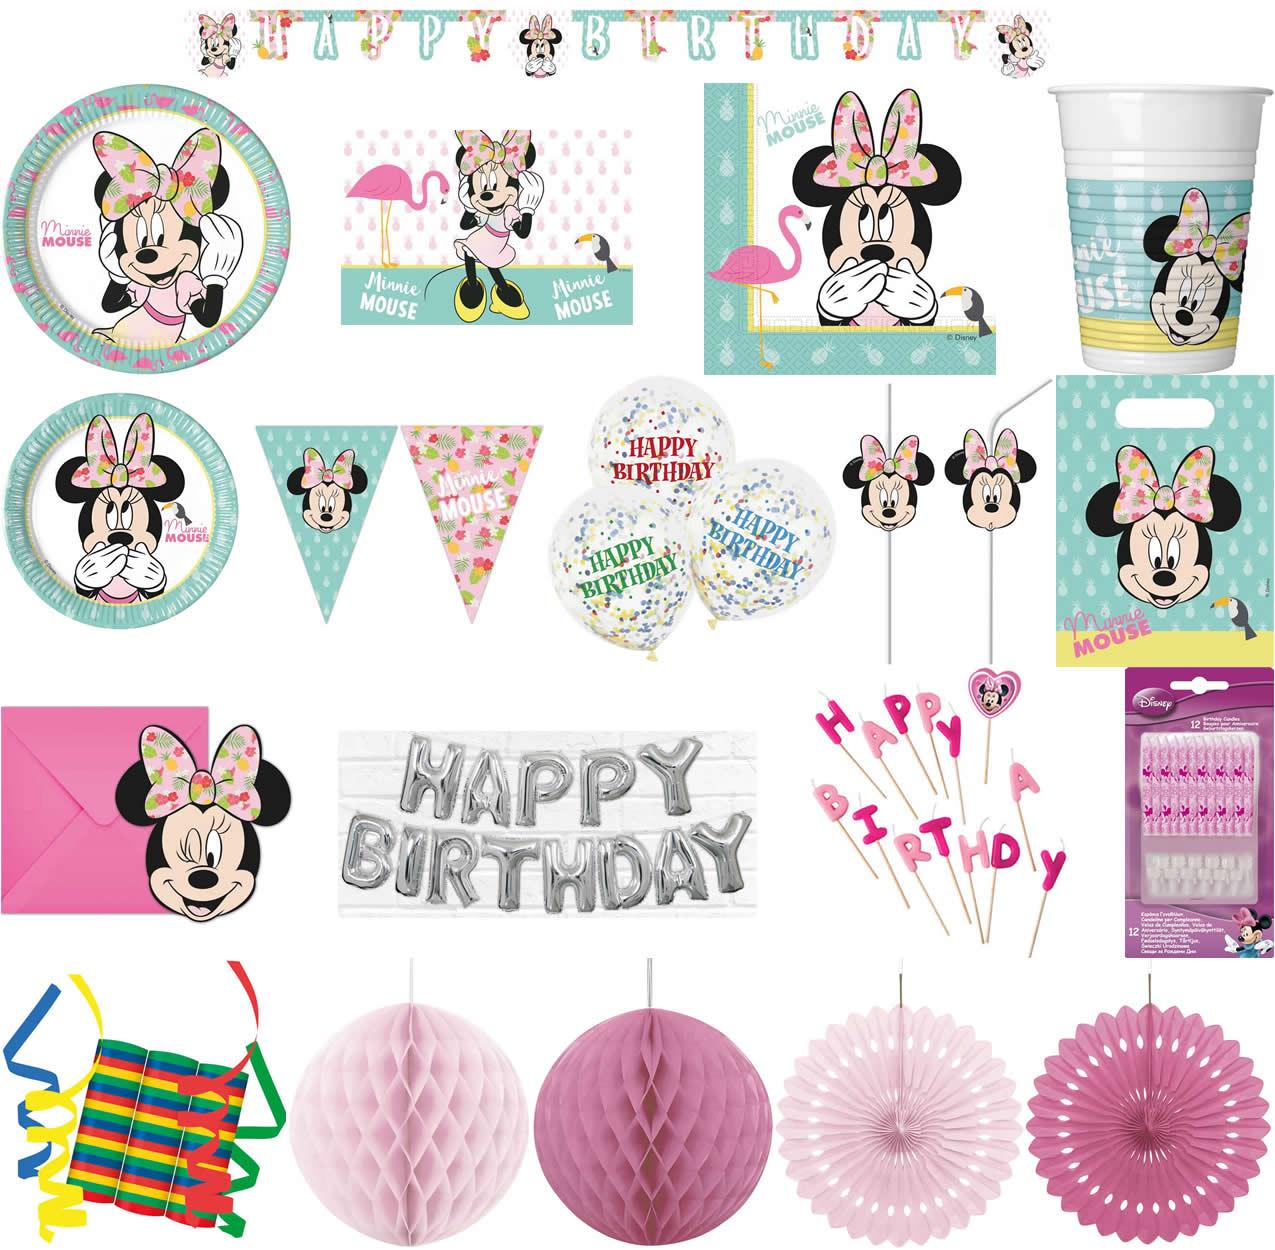 Ausgezeichnet Minnie Maus Geburtstag Farbseiten Fotos - Entry Level ...